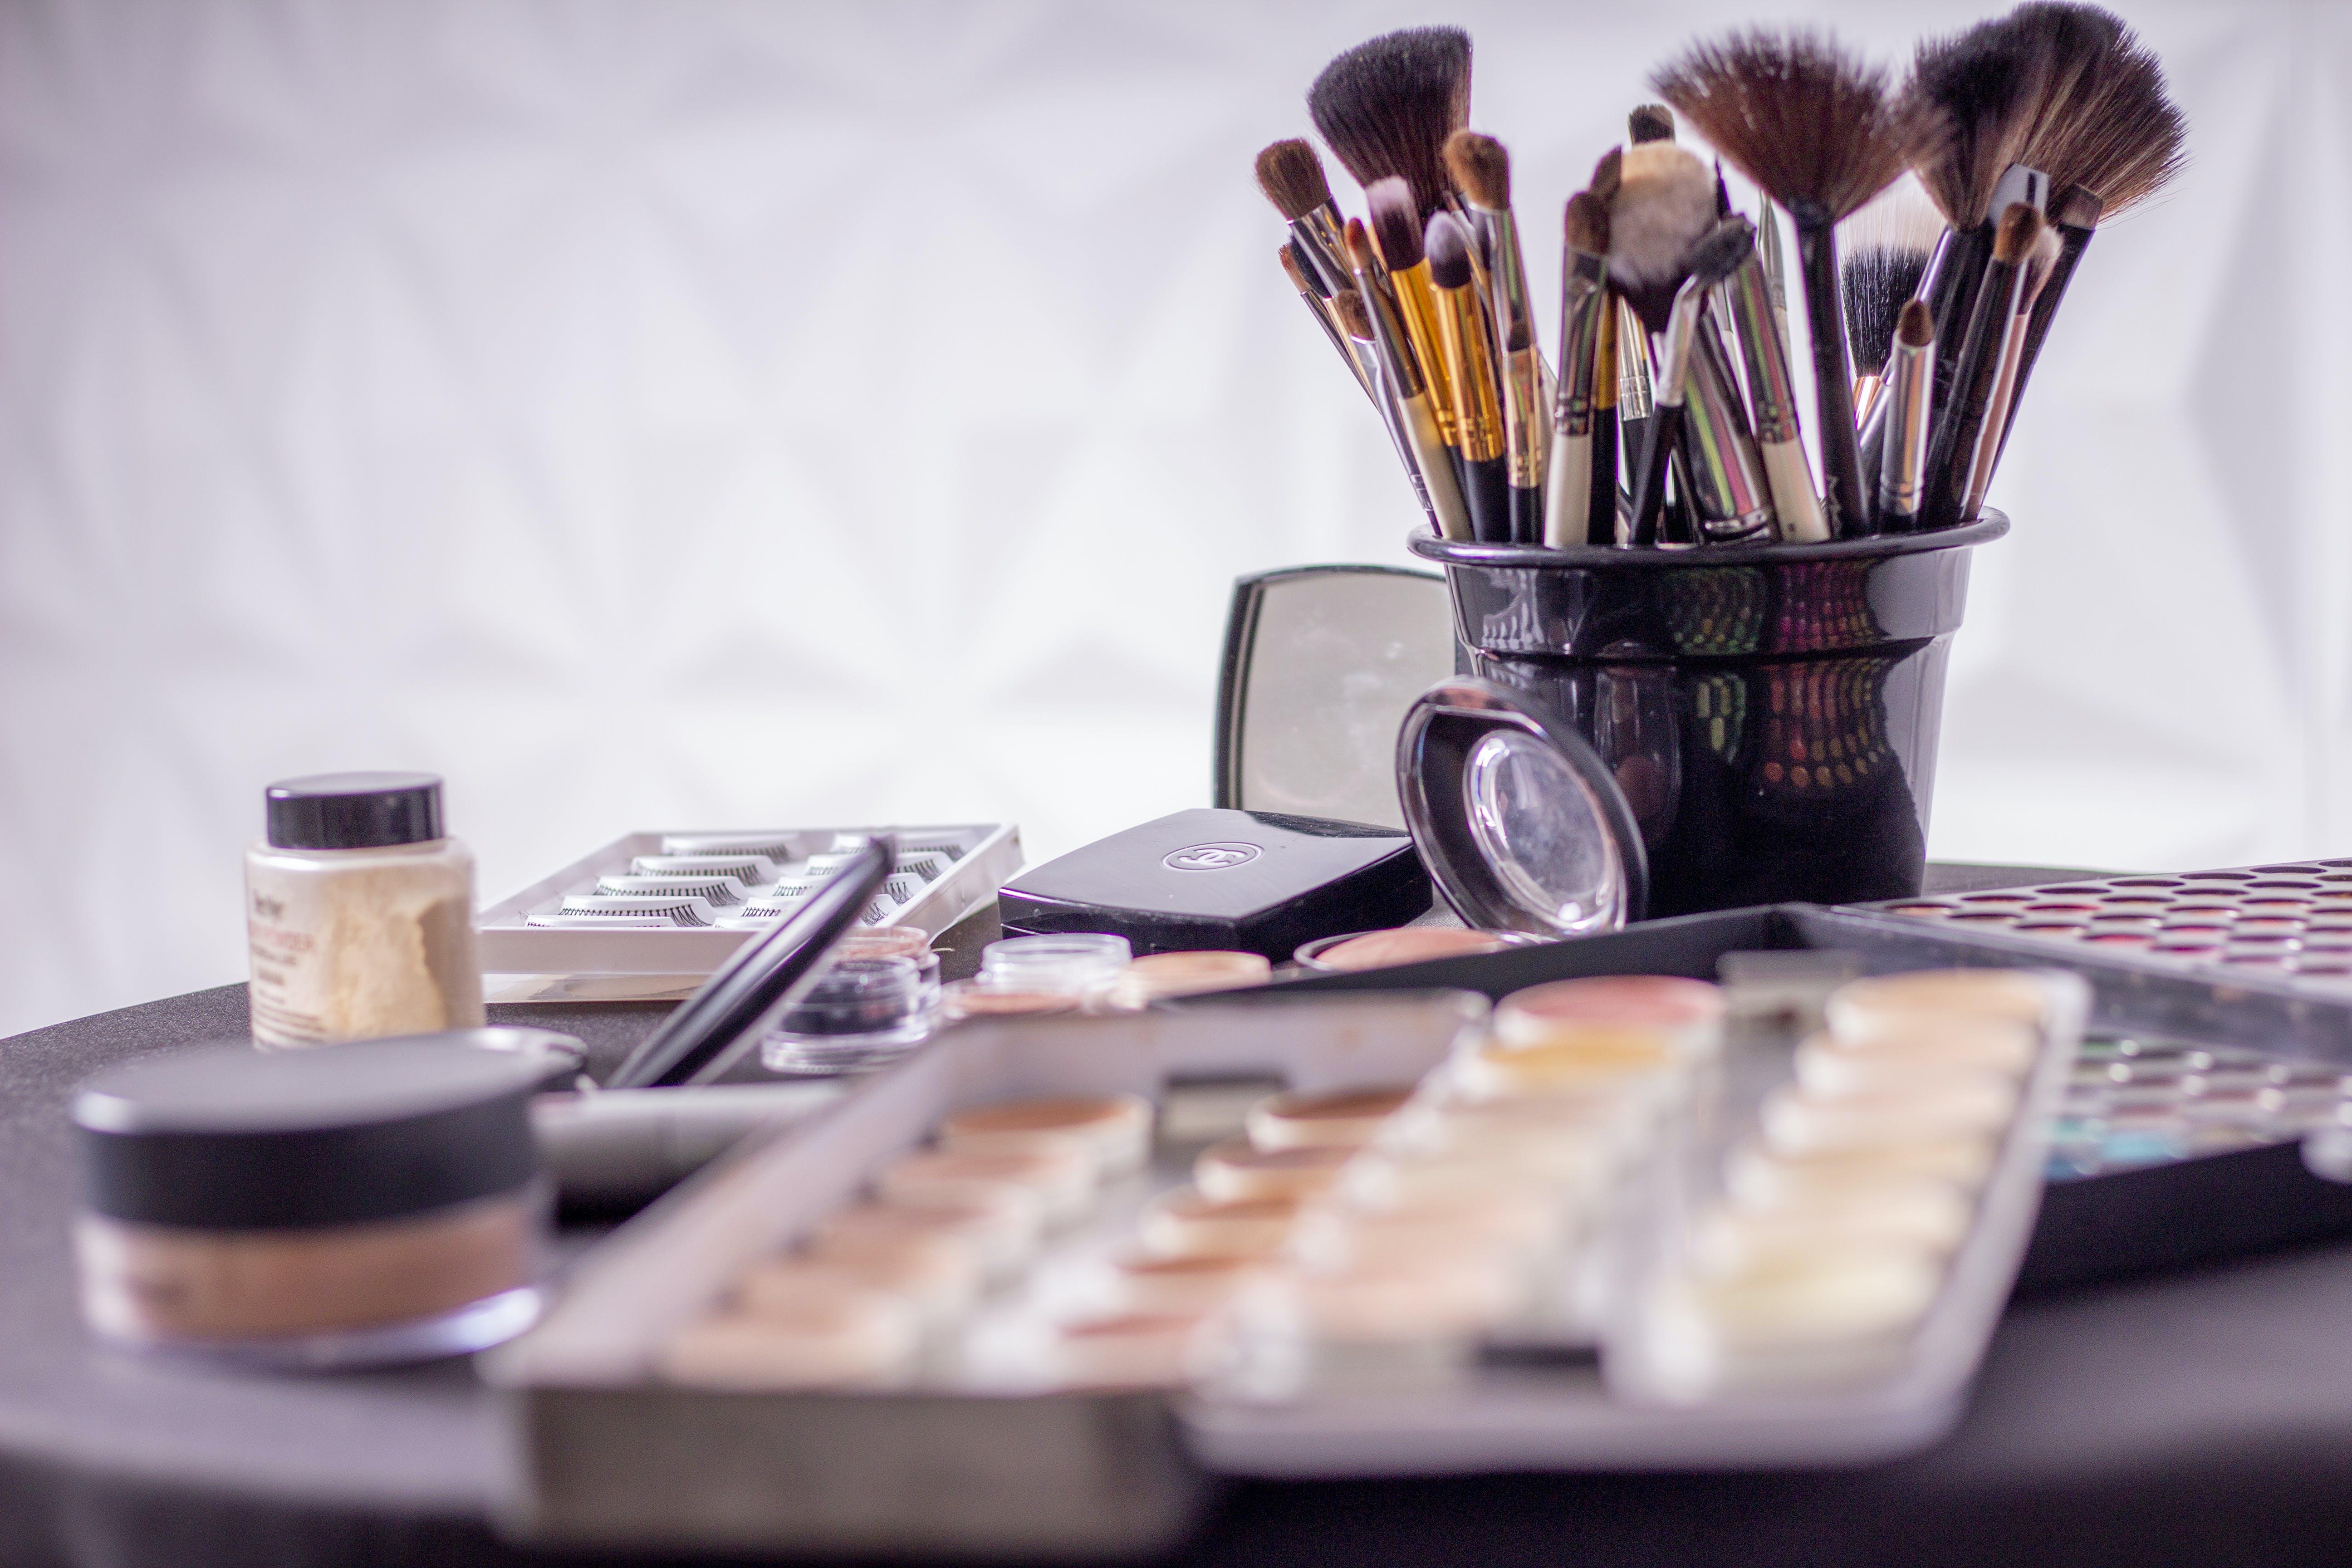 makeup and makeup brushes